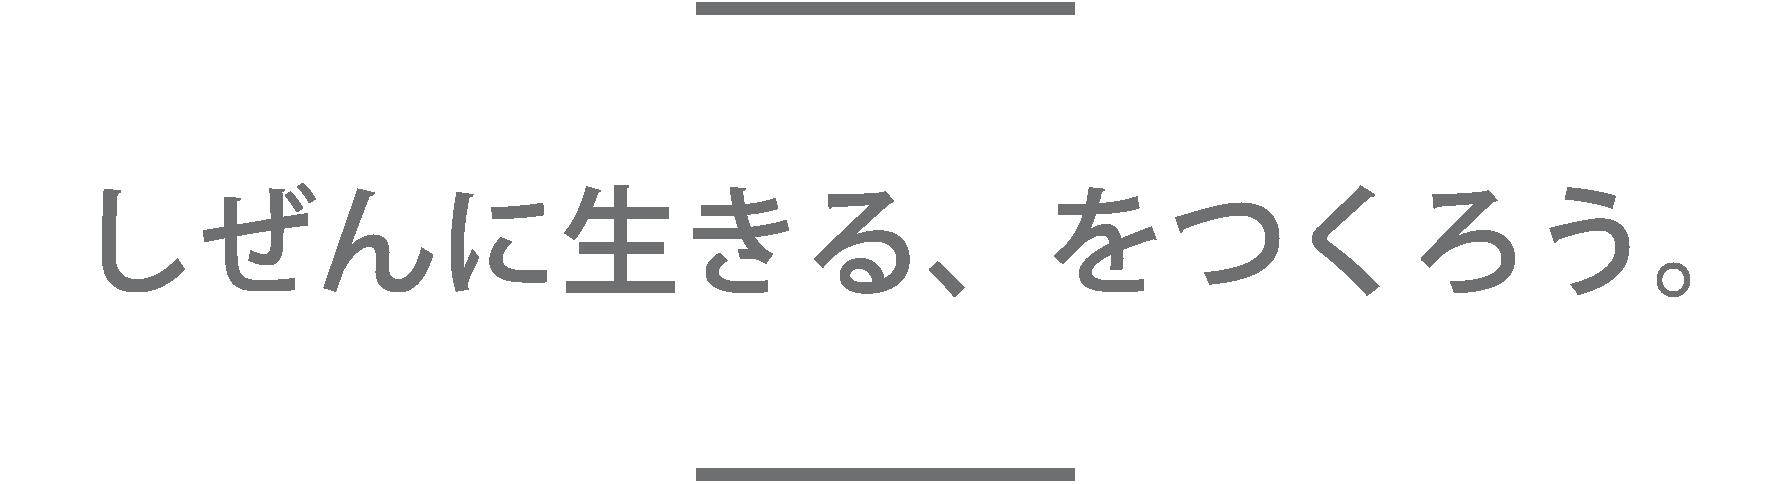 西会津国際芸術村スライダー